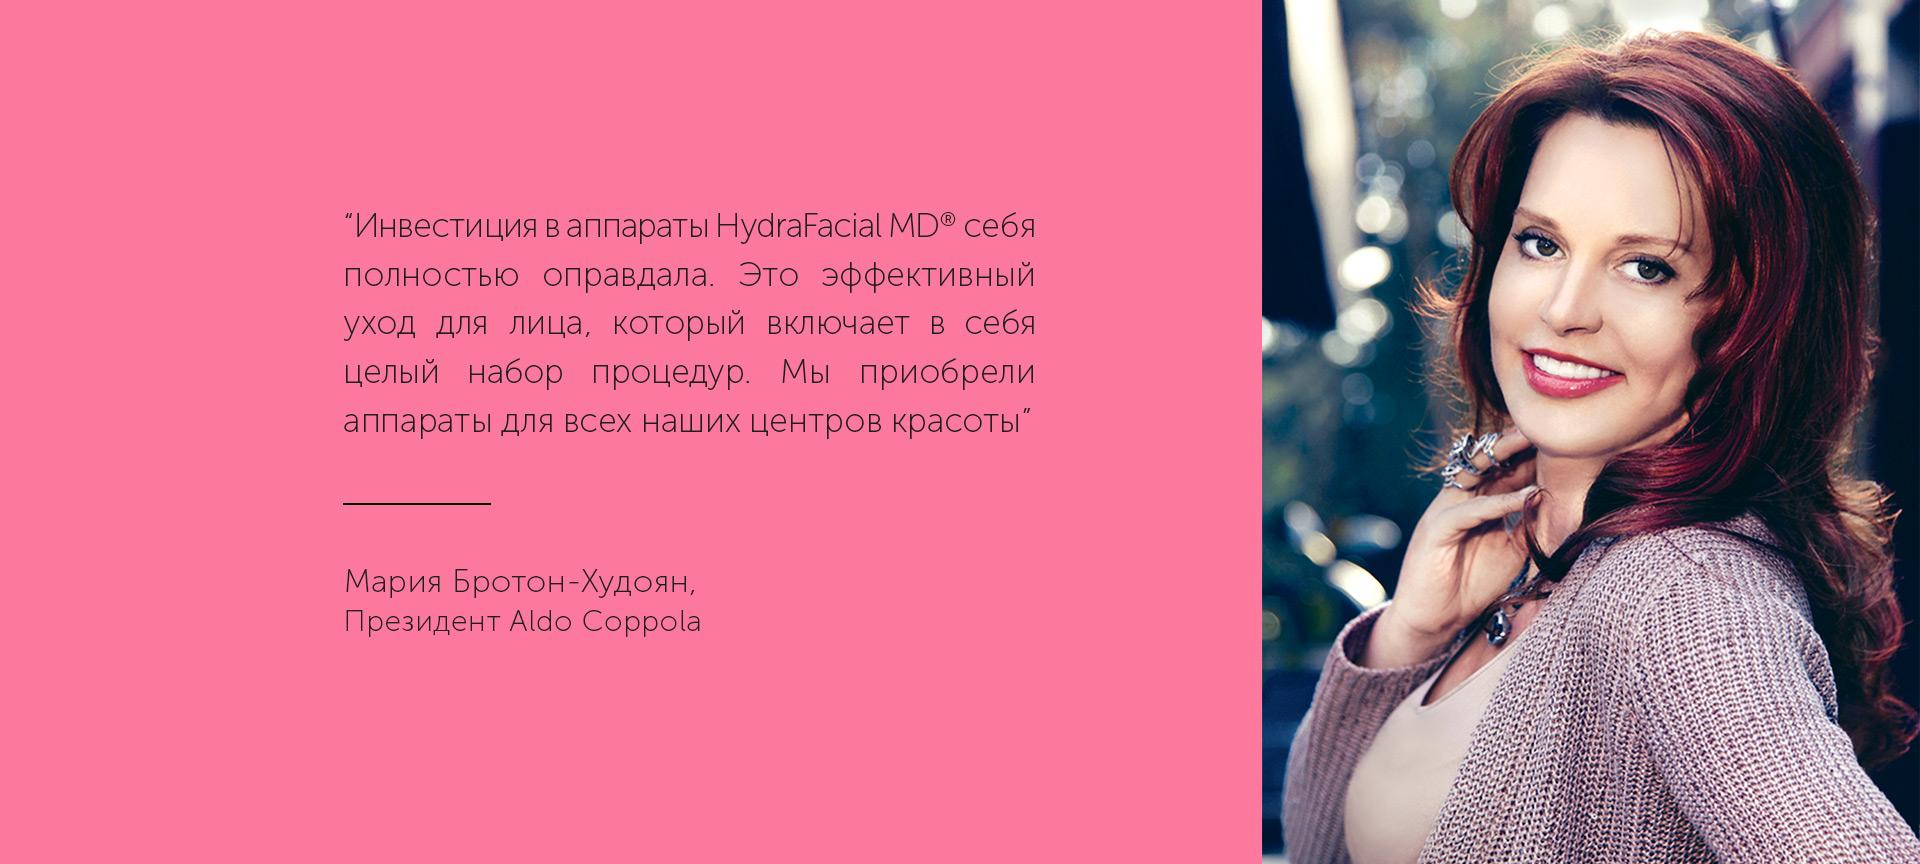 alro cit - Аппарат для чистки лица HydraFacial MD® - купить в Москве